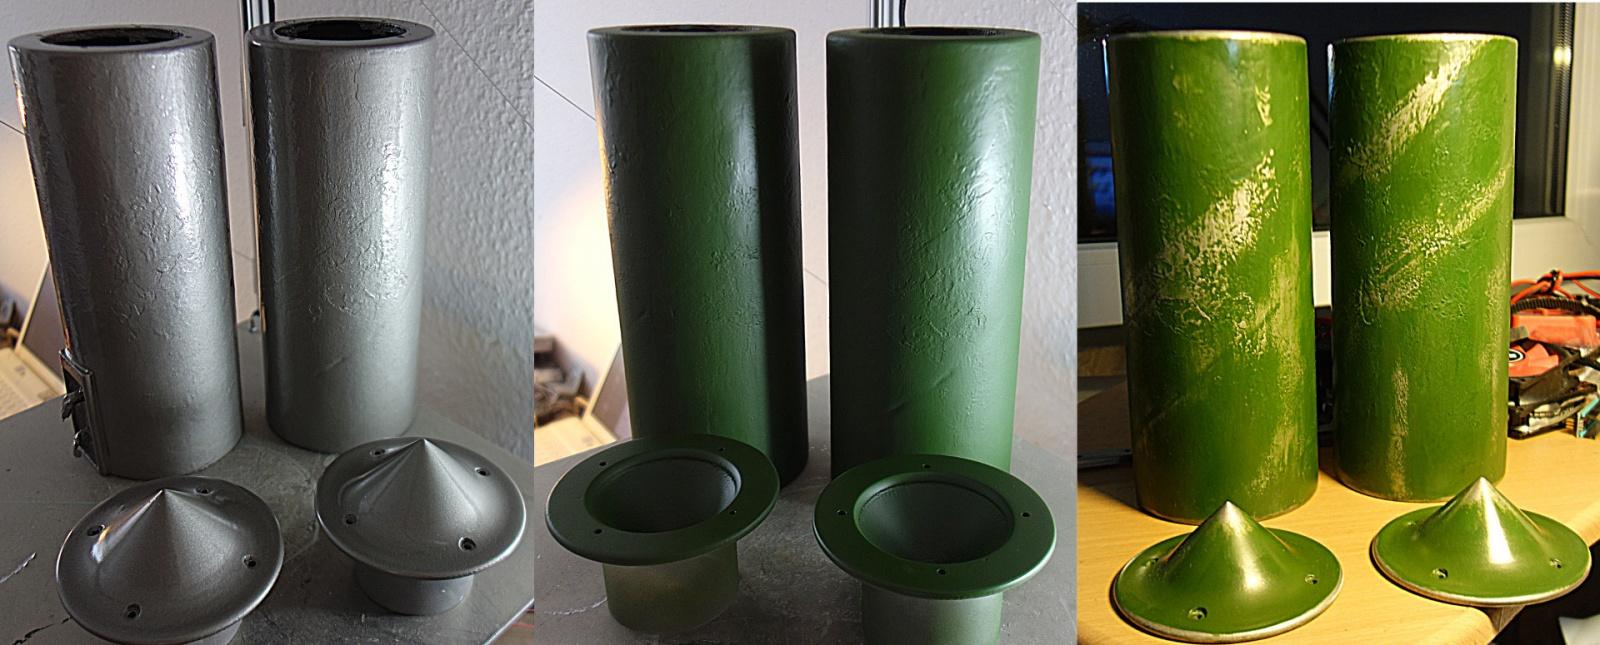 Устройство акустического подавления реальности, или музыка из 3D принтера - 8